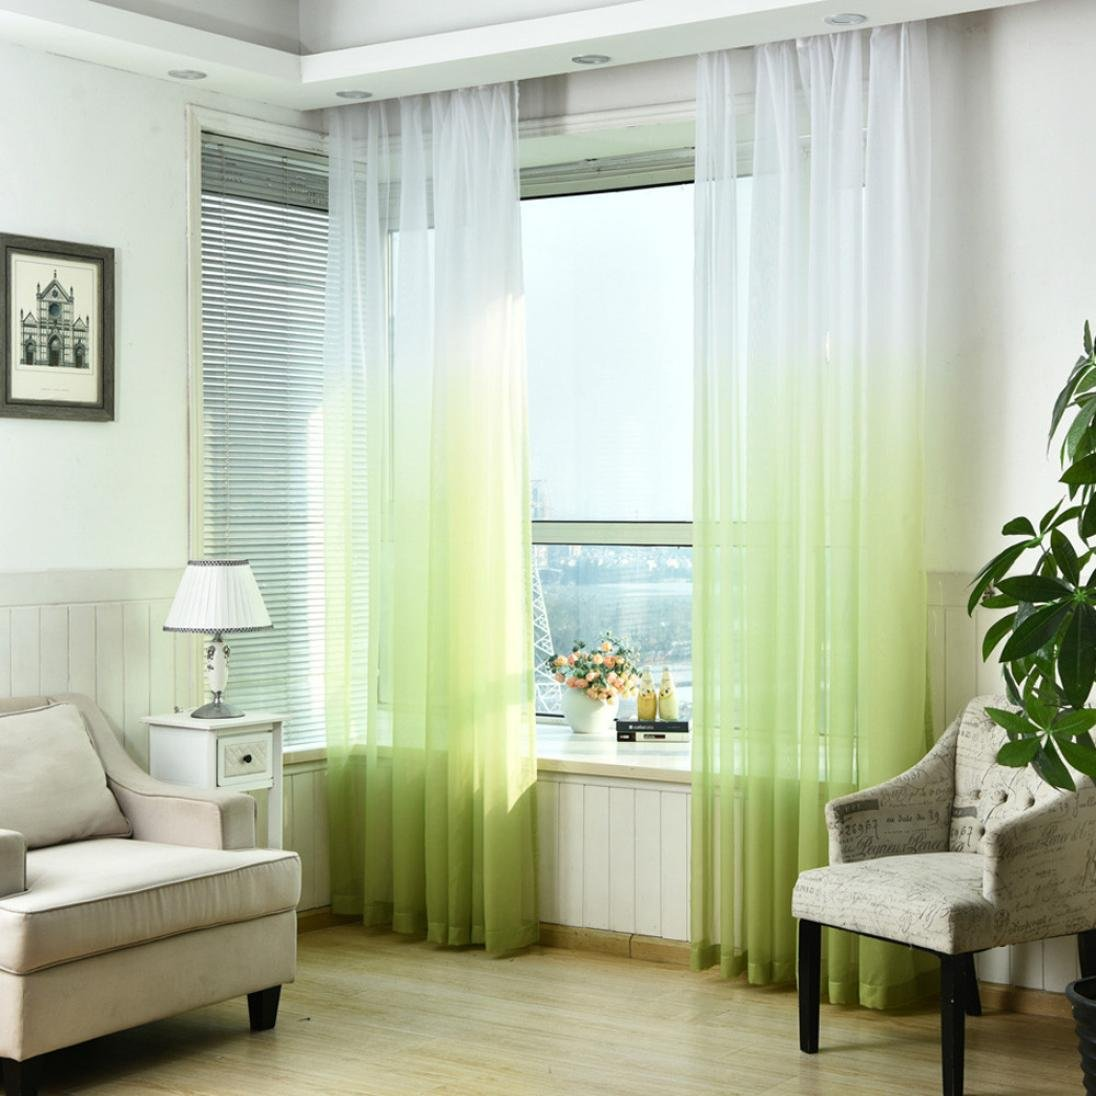 scheibengardinen f r schlafzimmer biber bettw sche lila sch ne kommoden f r schlafzimmer pip. Black Bedroom Furniture Sets. Home Design Ideas